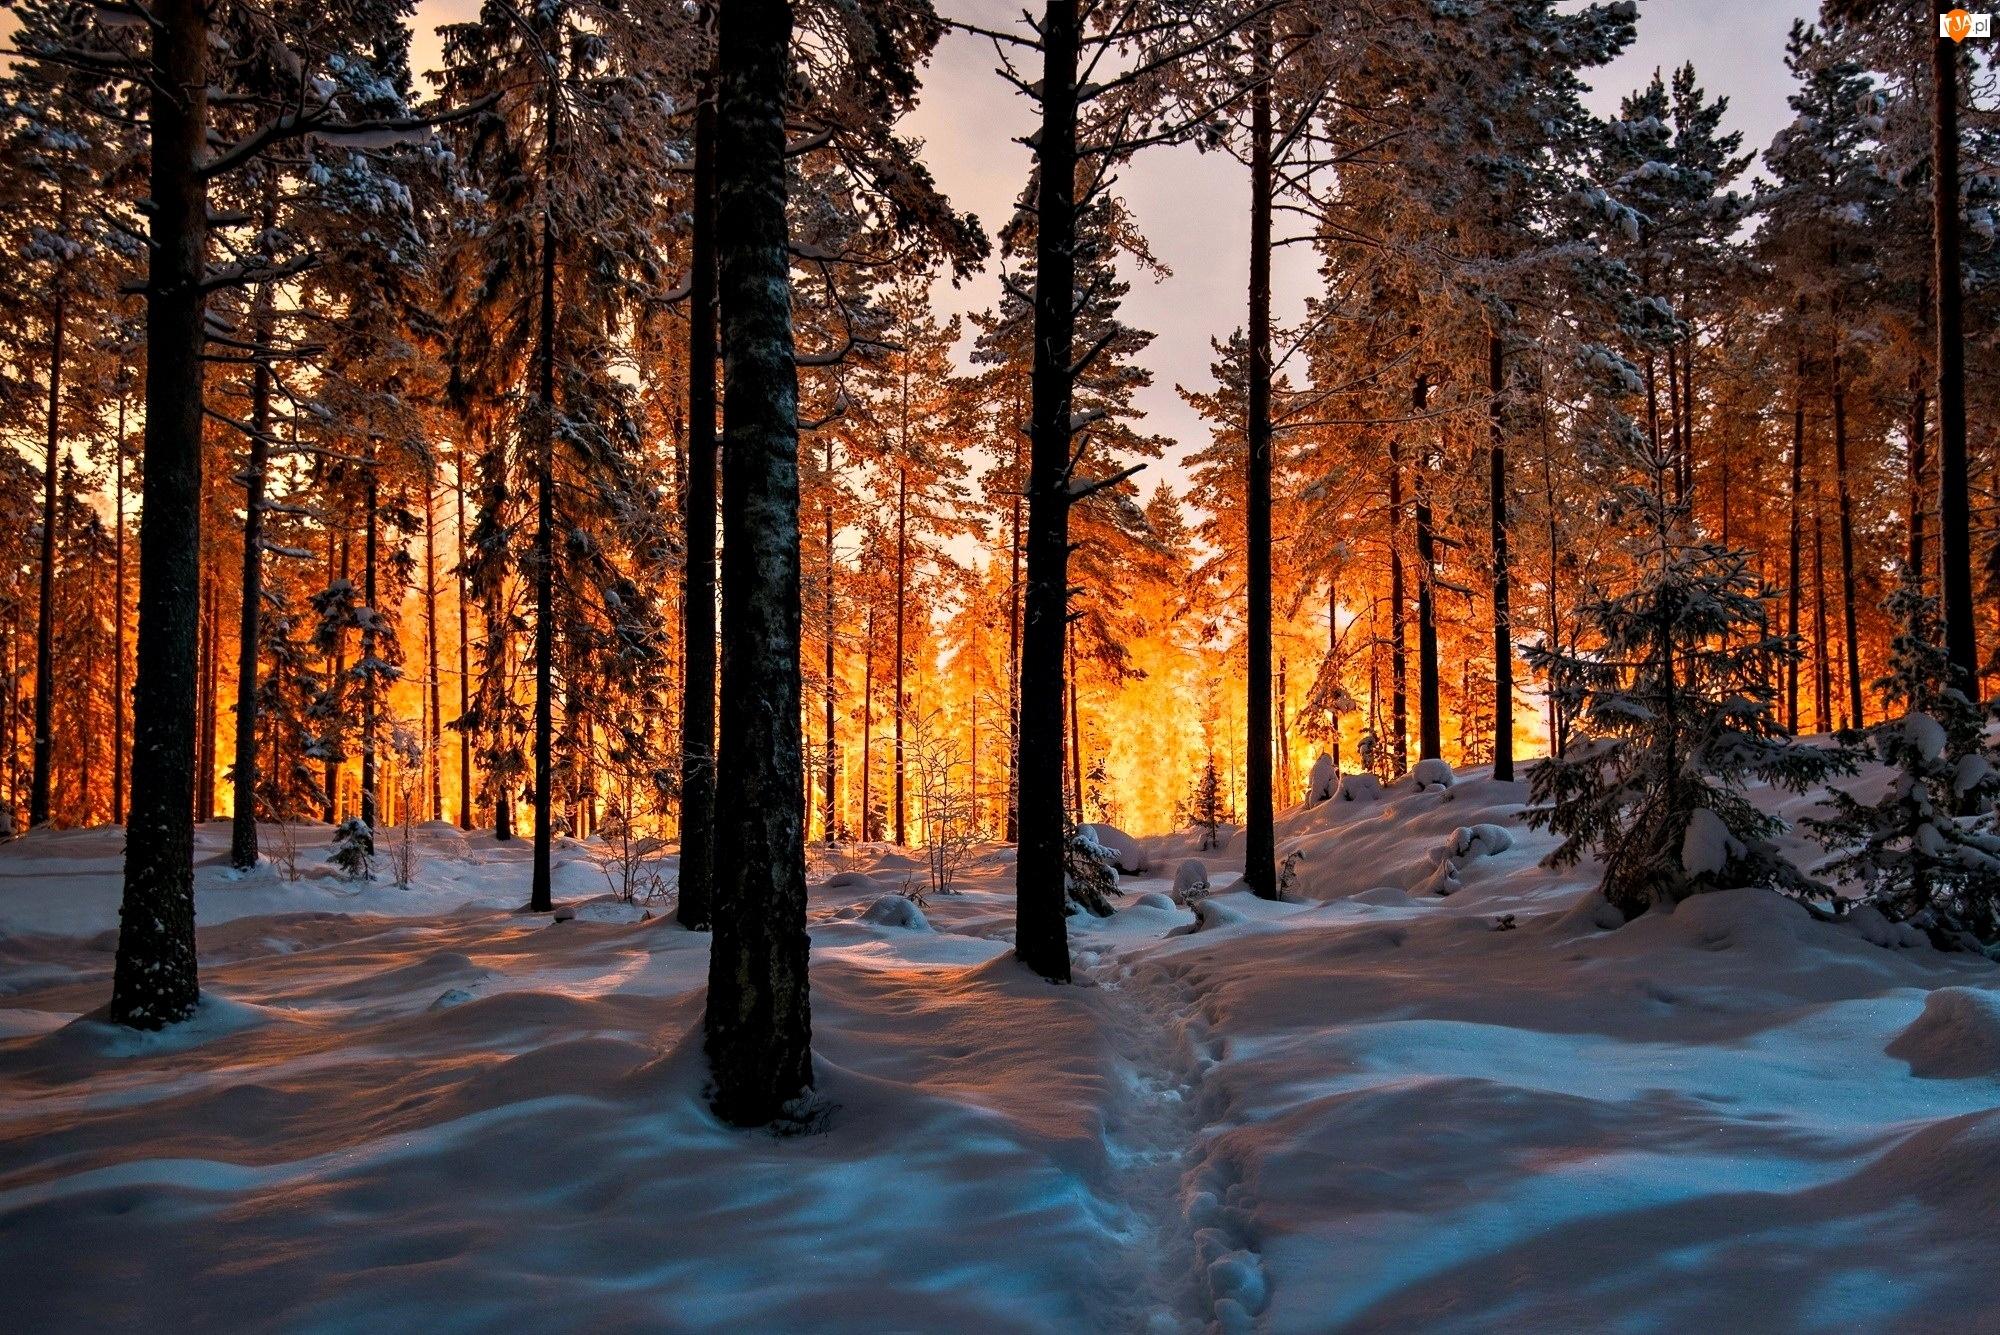 Drzewa, Światło, Las, Zima, Ścieżka, Przebijające